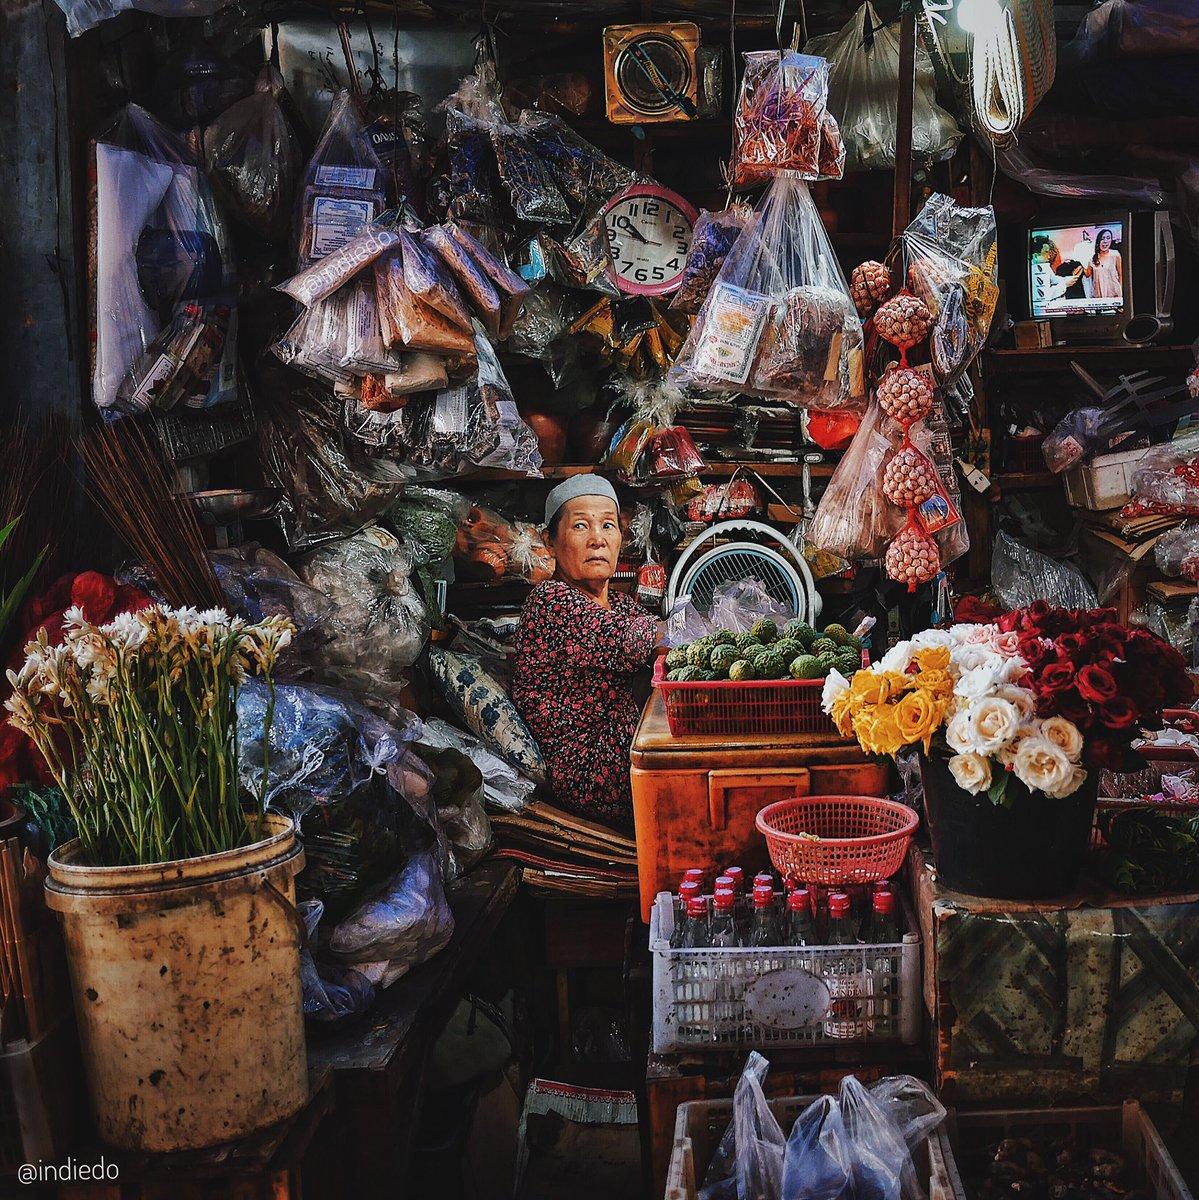 Ketrigger juga sama @piokharisma. Jadi pengen share foto hasil muterin beberapa pasar Indonesia yg selama ini dipost di IG @indiedo  📸: Lumix GX85  🎞: Snapseed/VSCO/Lightroom Mobile  Ini random, jadi tebak saja ya lokasi pasar di tiap foto hhe.  #HuntingPasar: A Photo Thread